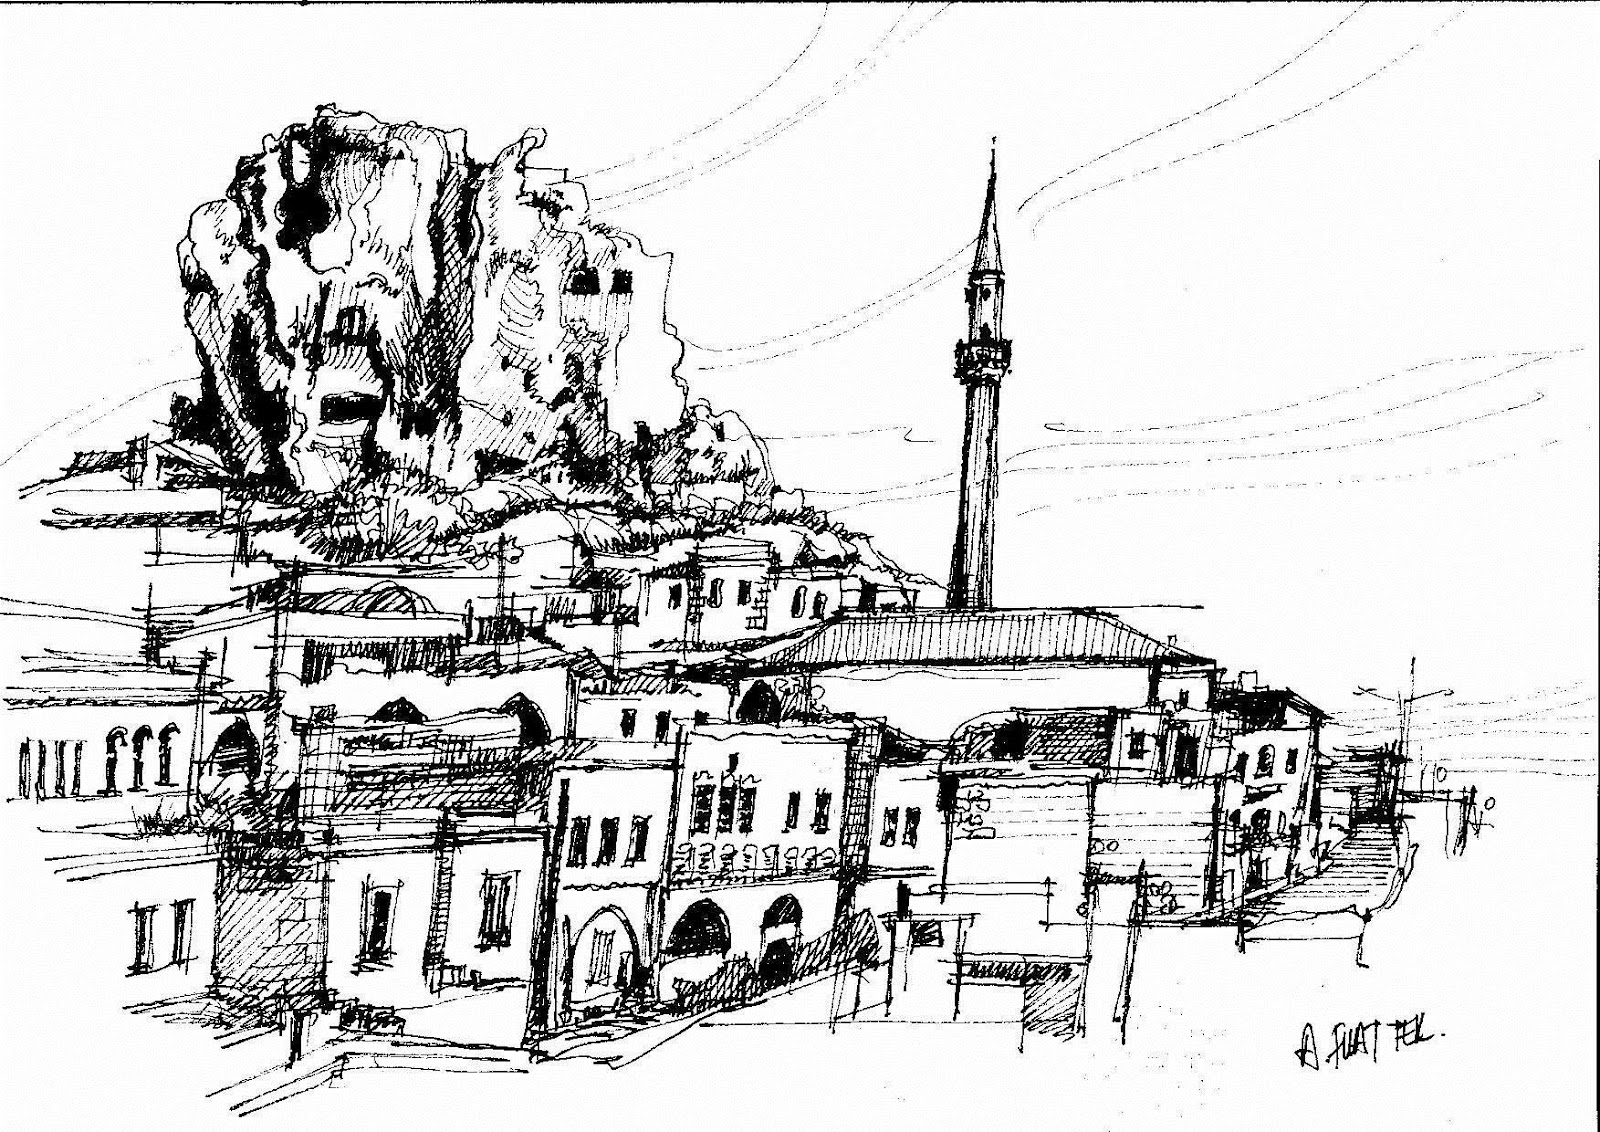 Çizimler Bulut ve Binalarla Birleşti